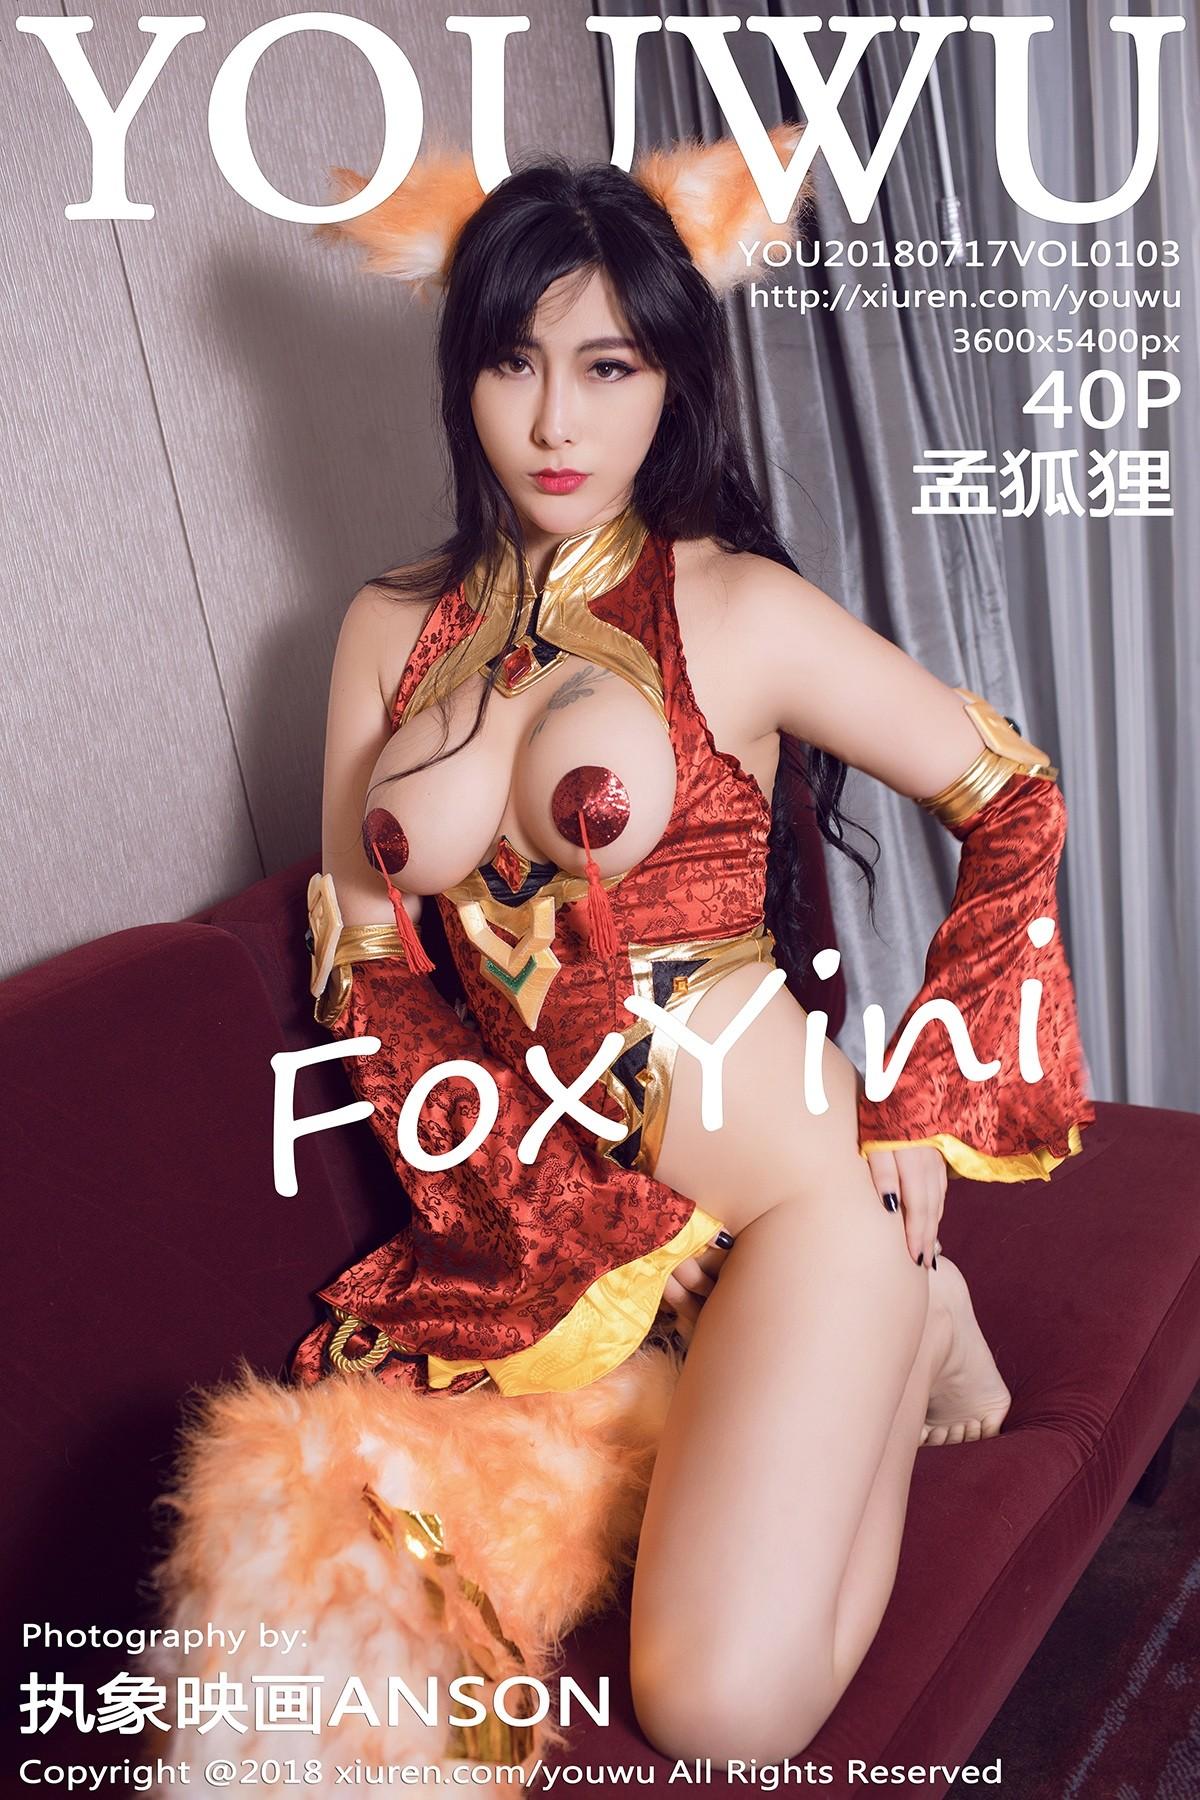 [YouWu尤物馆] 2018.07.17 VOL.103 孟狐狸FoxYini